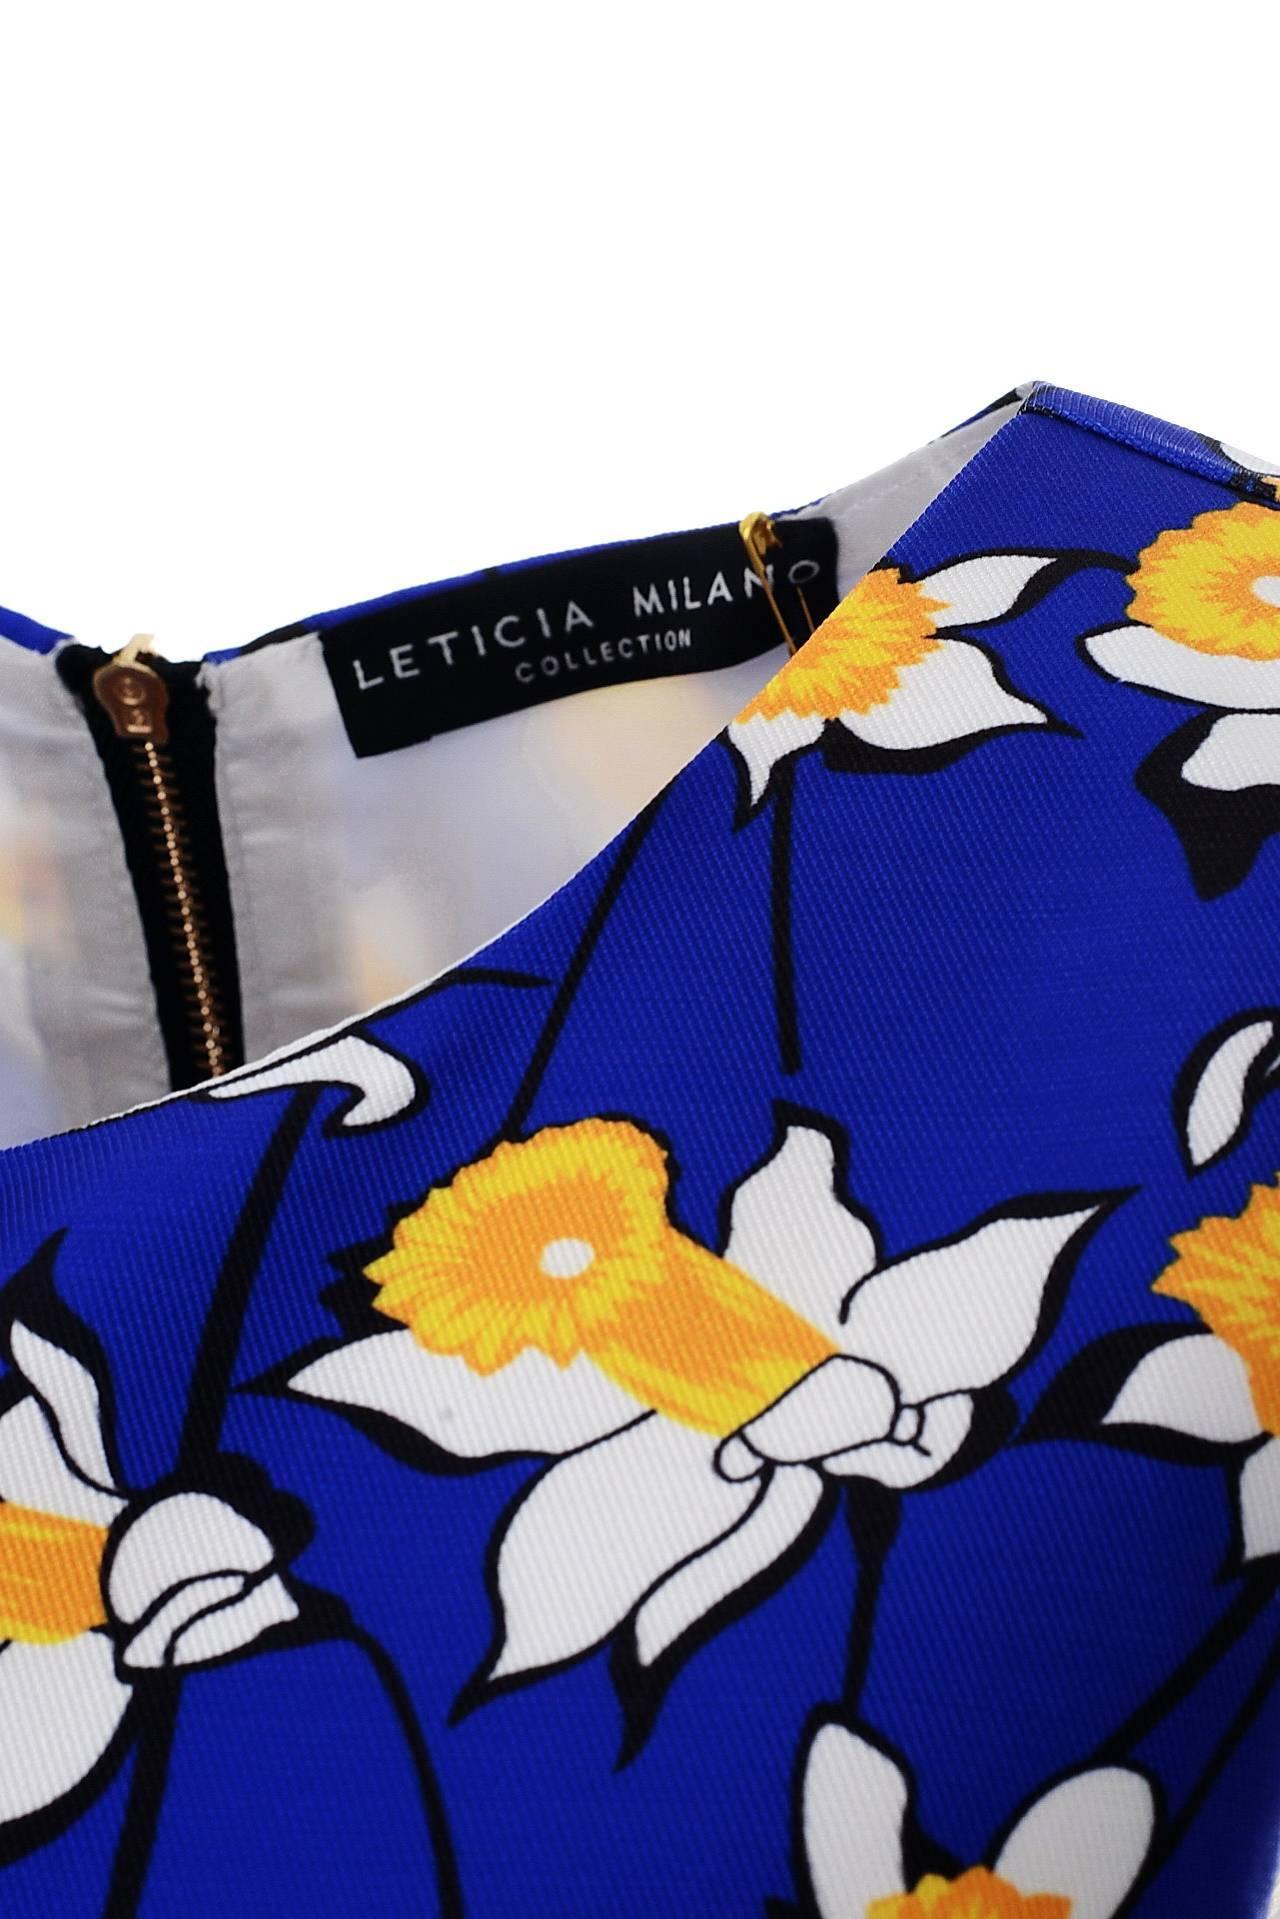 Leticia milano одежда